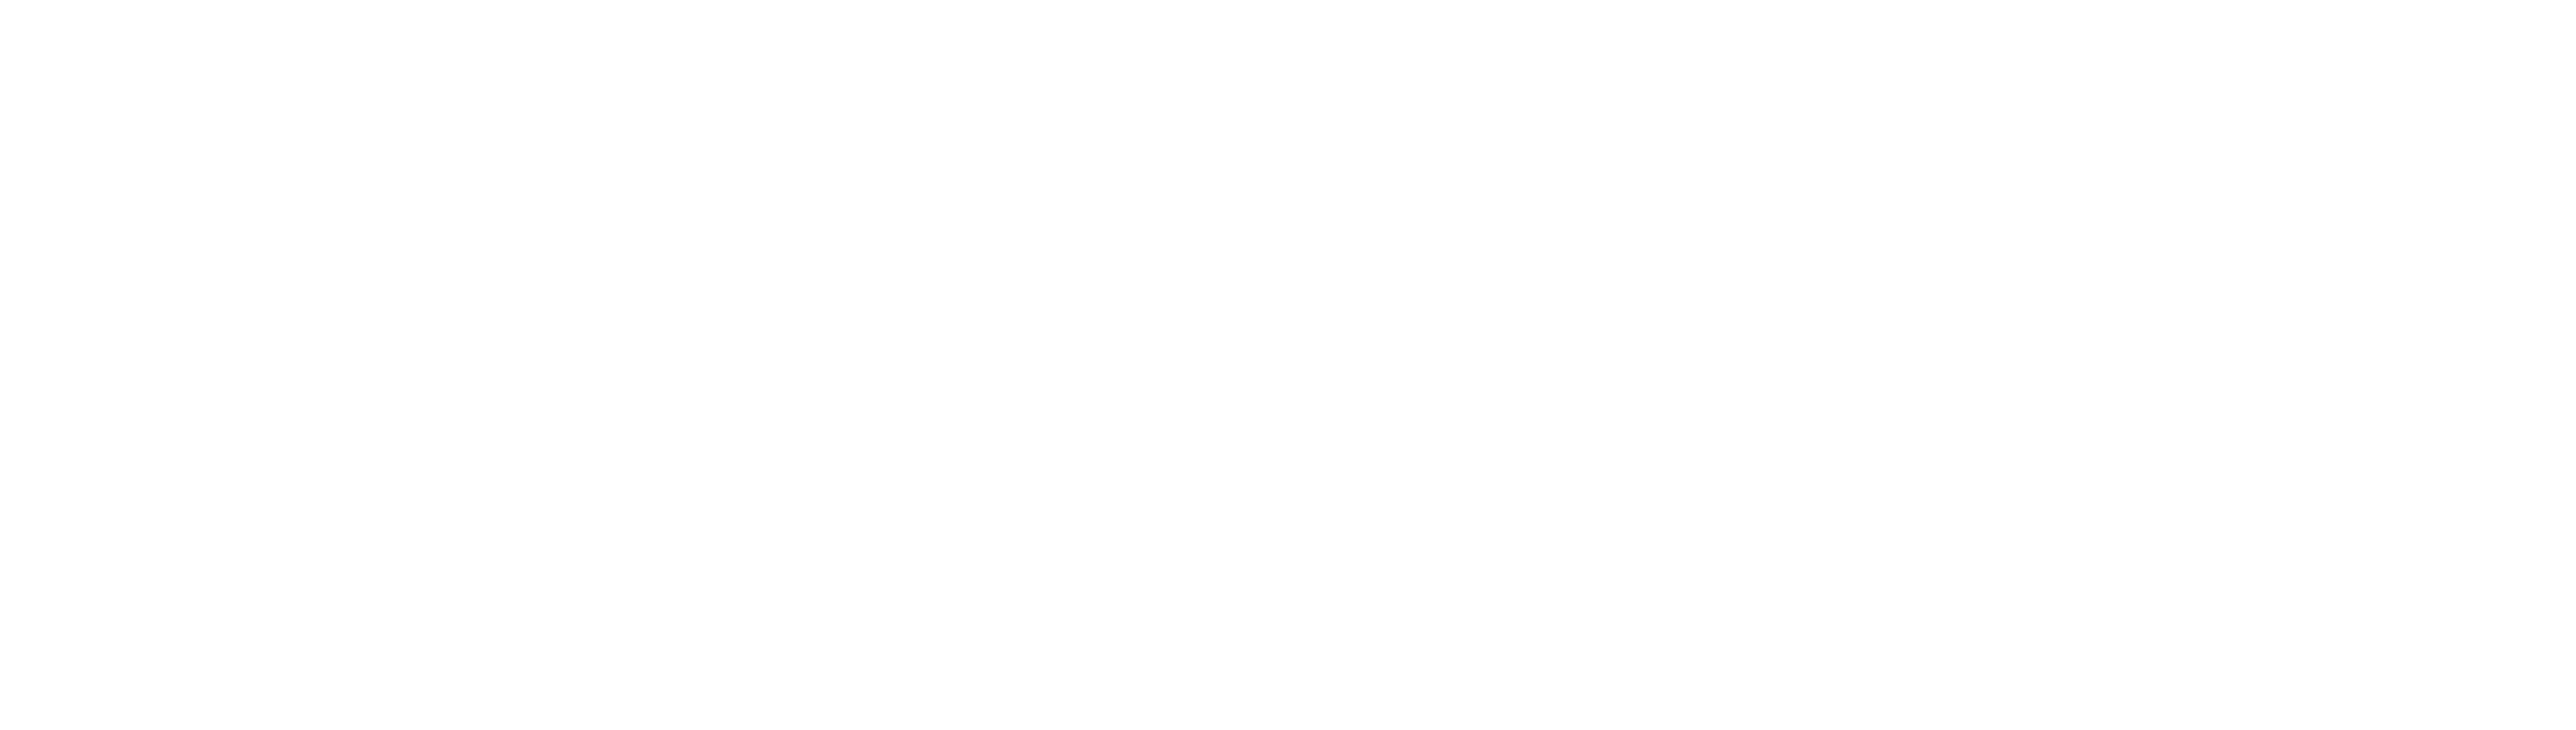 Blowout Entertainment